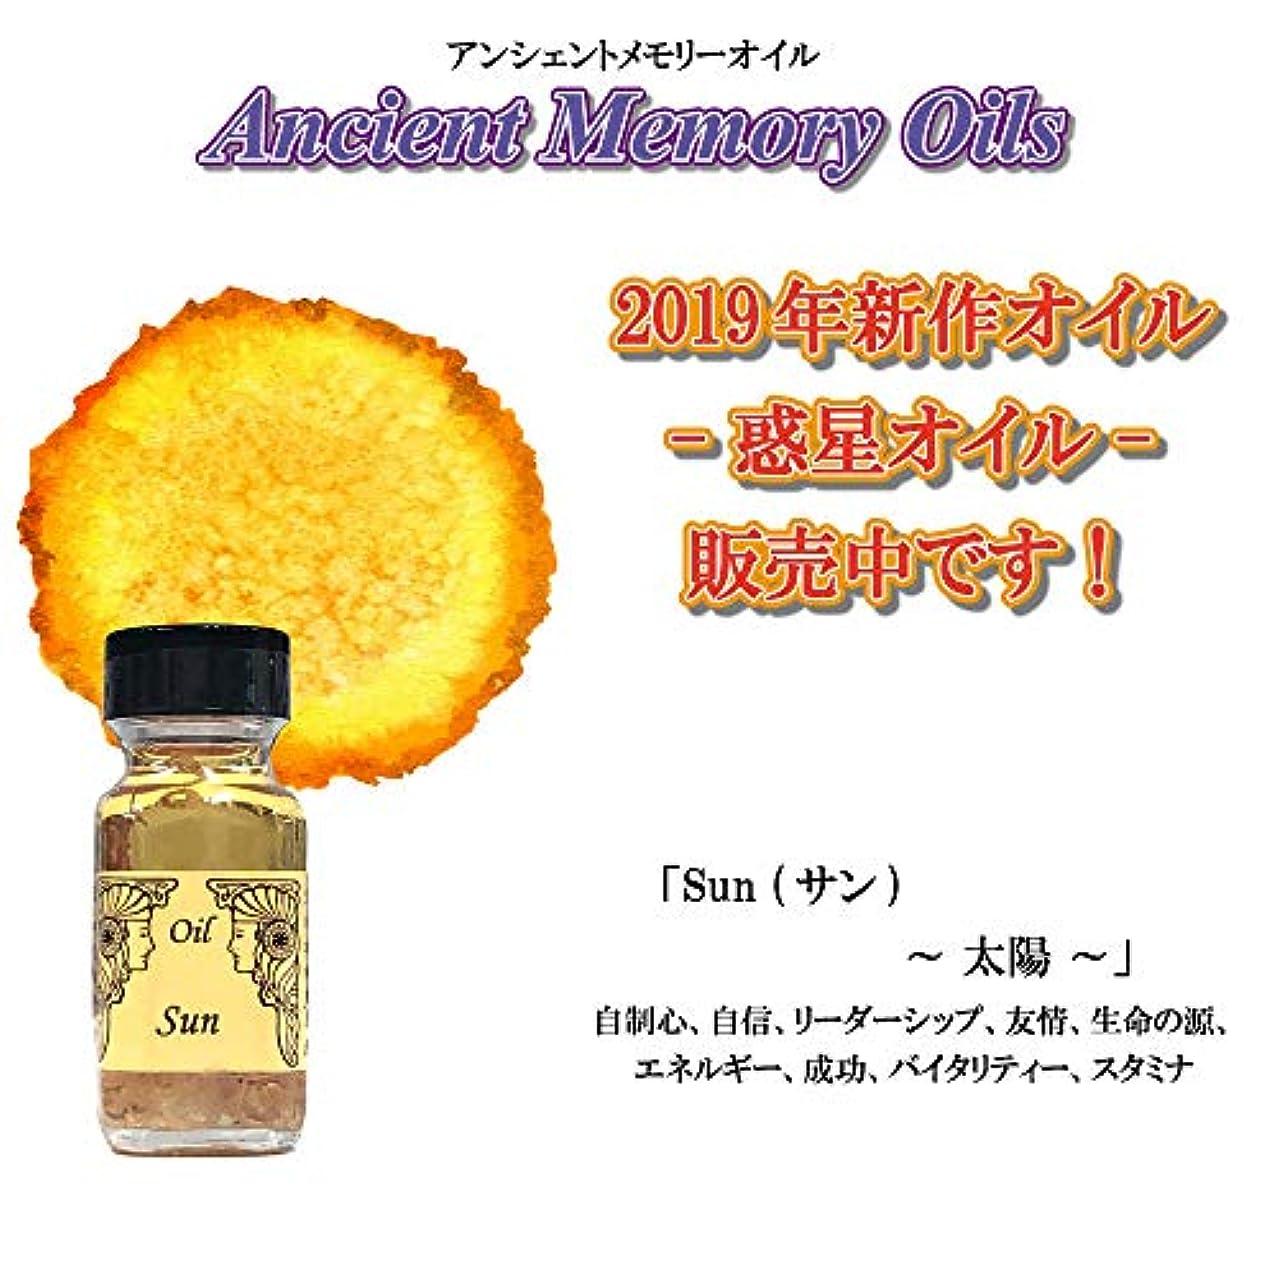 負担信者不良品SEDONA Ancient Memory Oils セドナ アンシェントメモリーオイル 惑星オイル Sun 太陽 サン 15ml